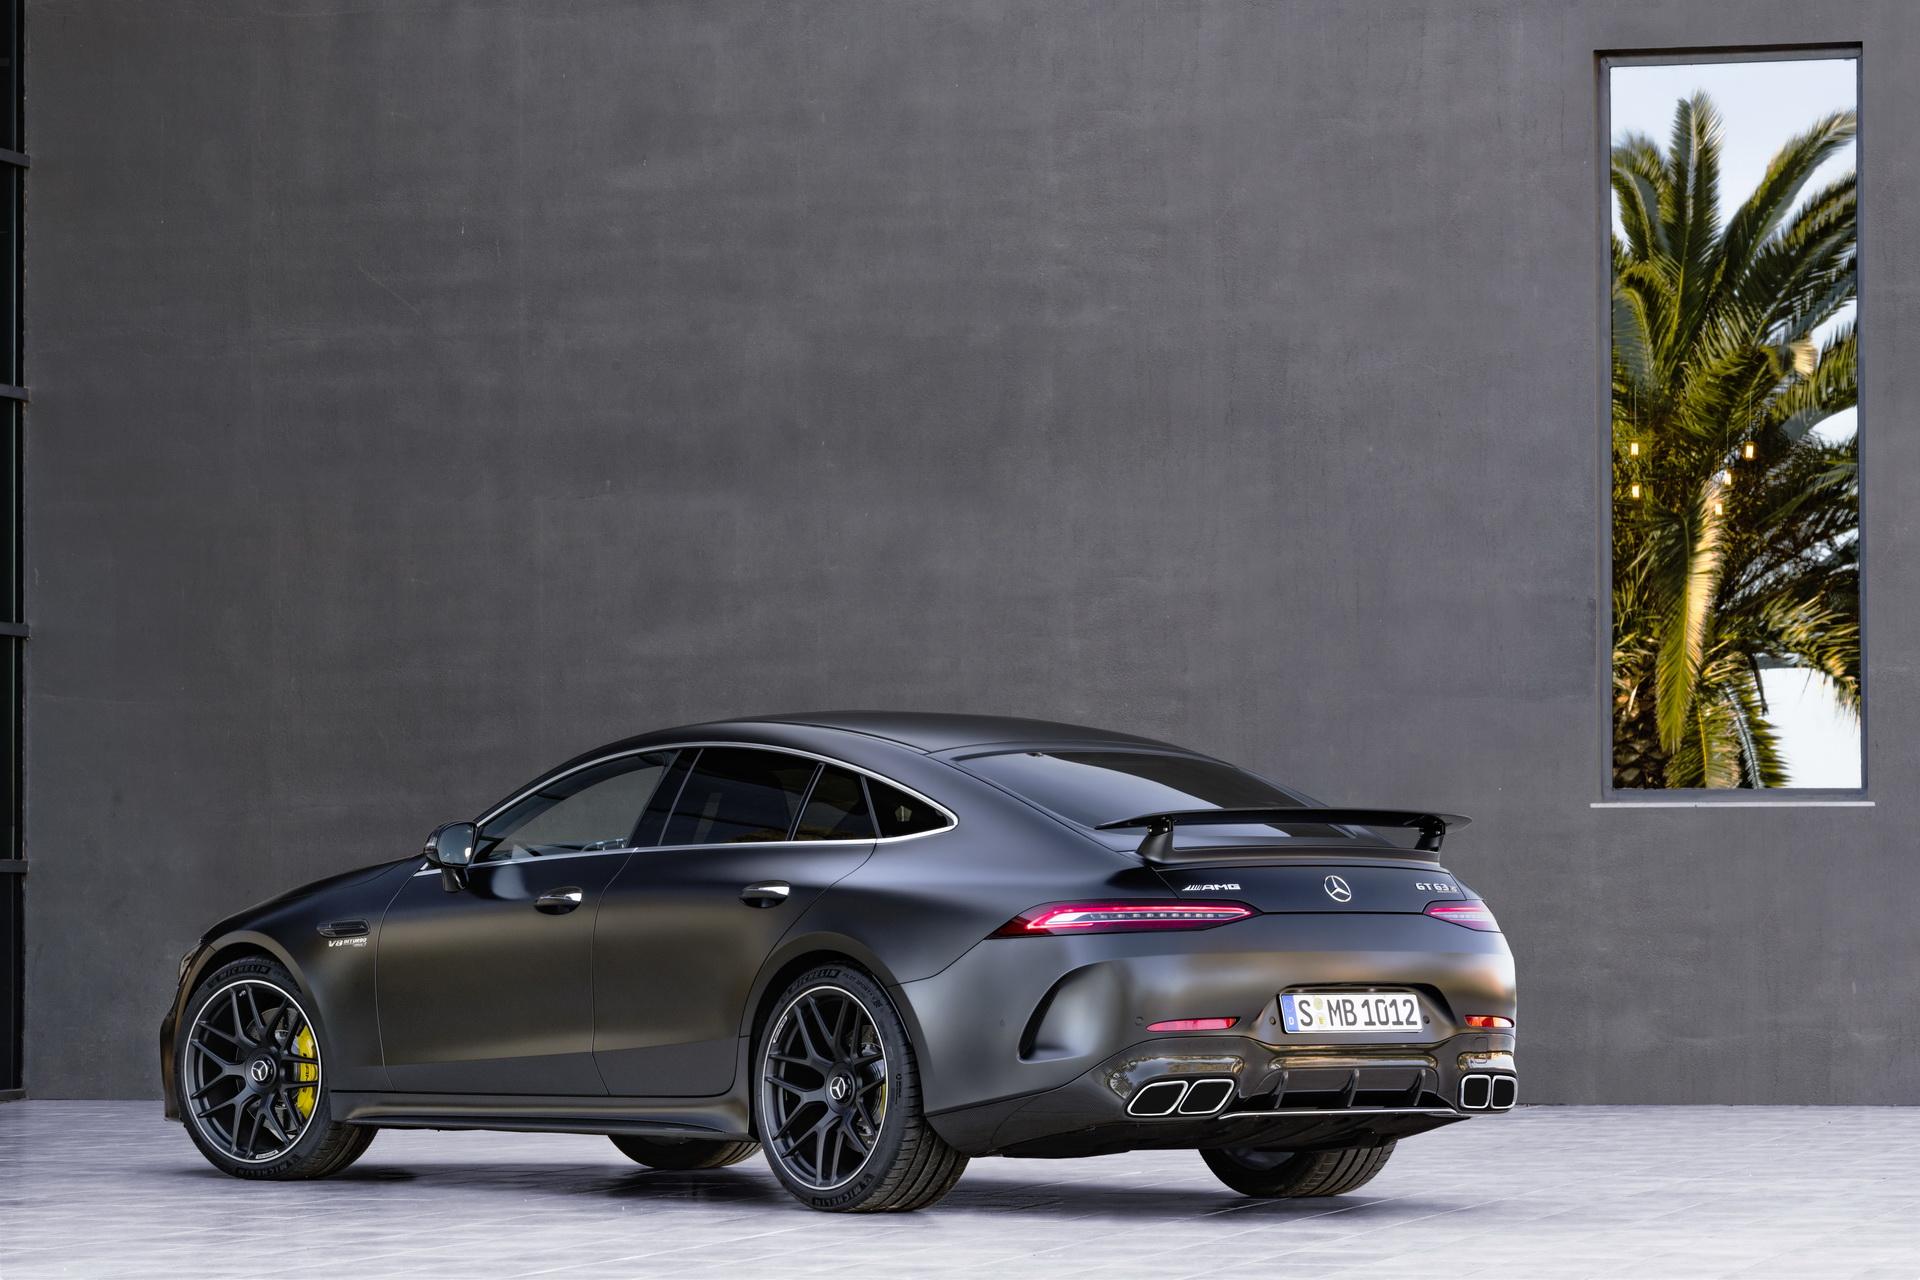 Mercedes-AMG GT 4 portes : 3 modèles et 4 portes !